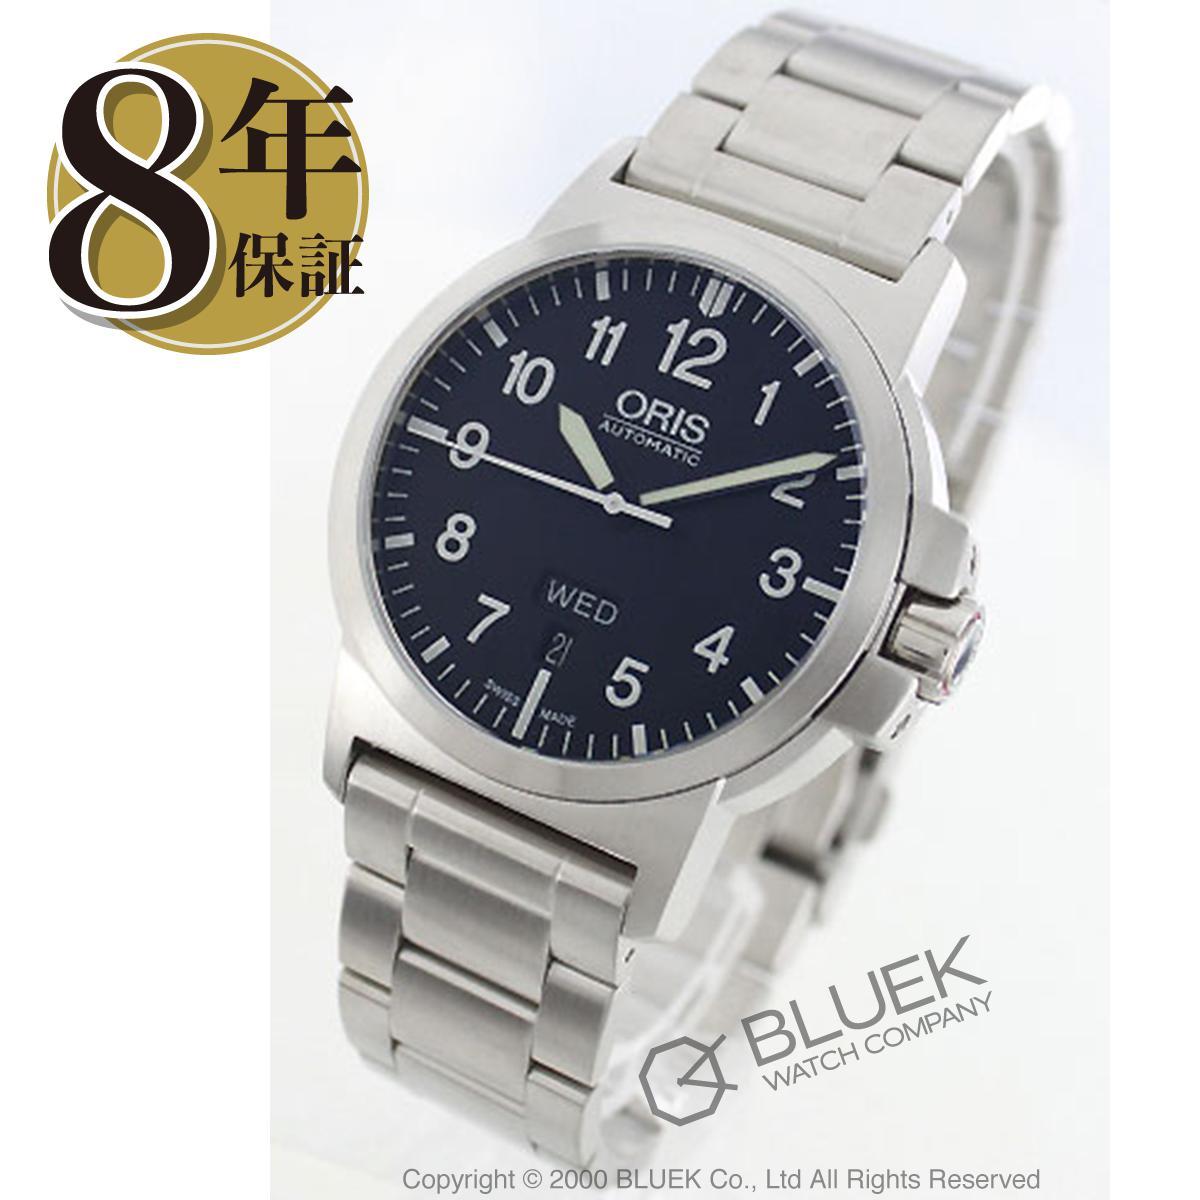 オリス ORIS 腕時計 BC3 メンズ 735 7641 4164M_8